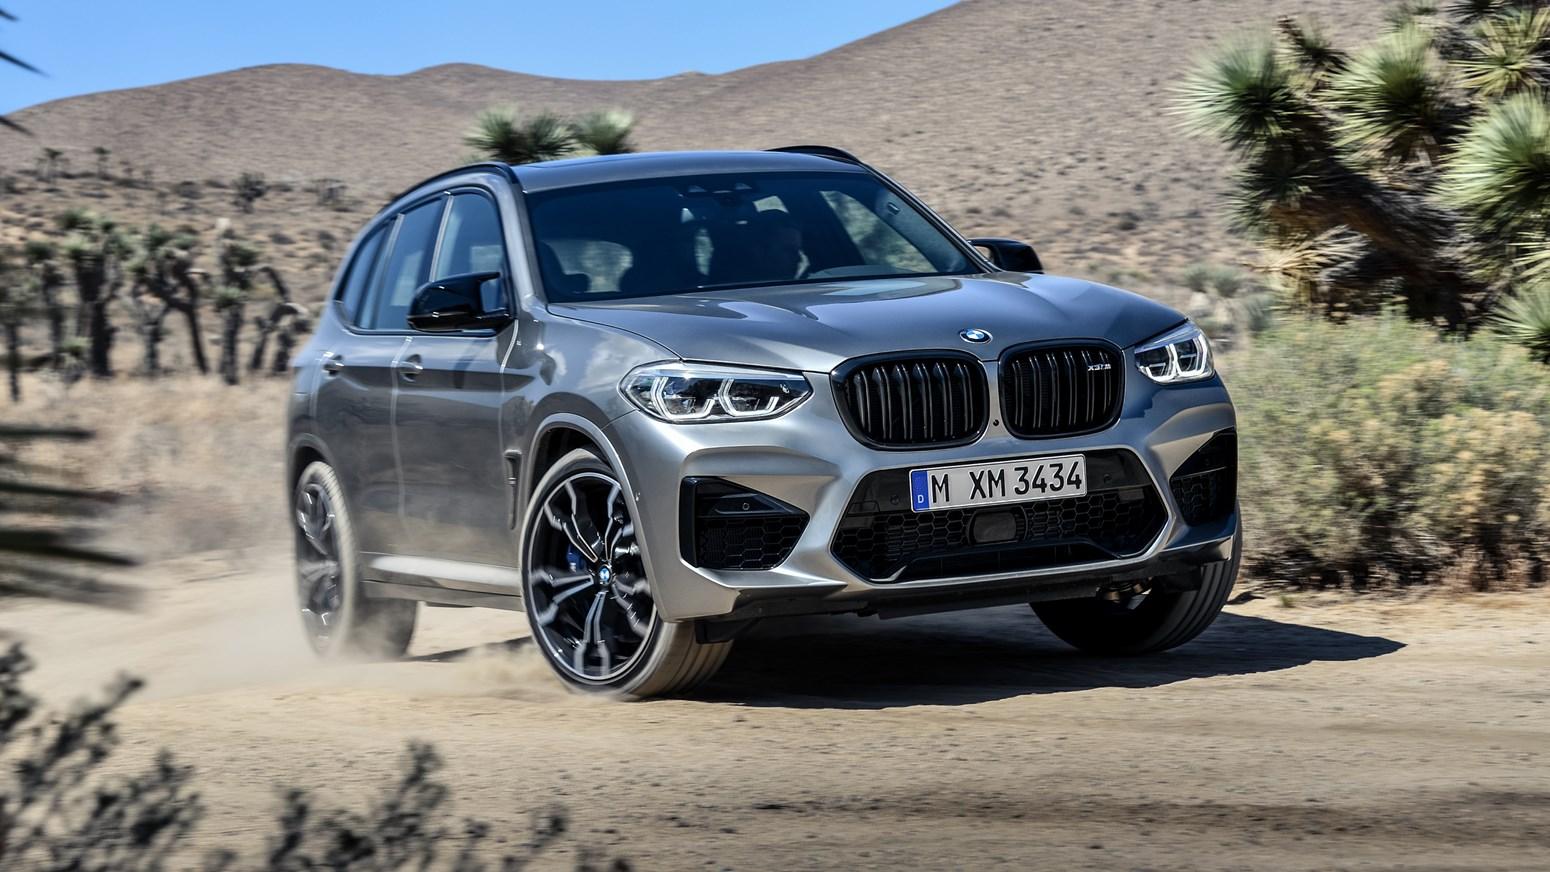 BMW X3 GALLERY 2440X1373 B